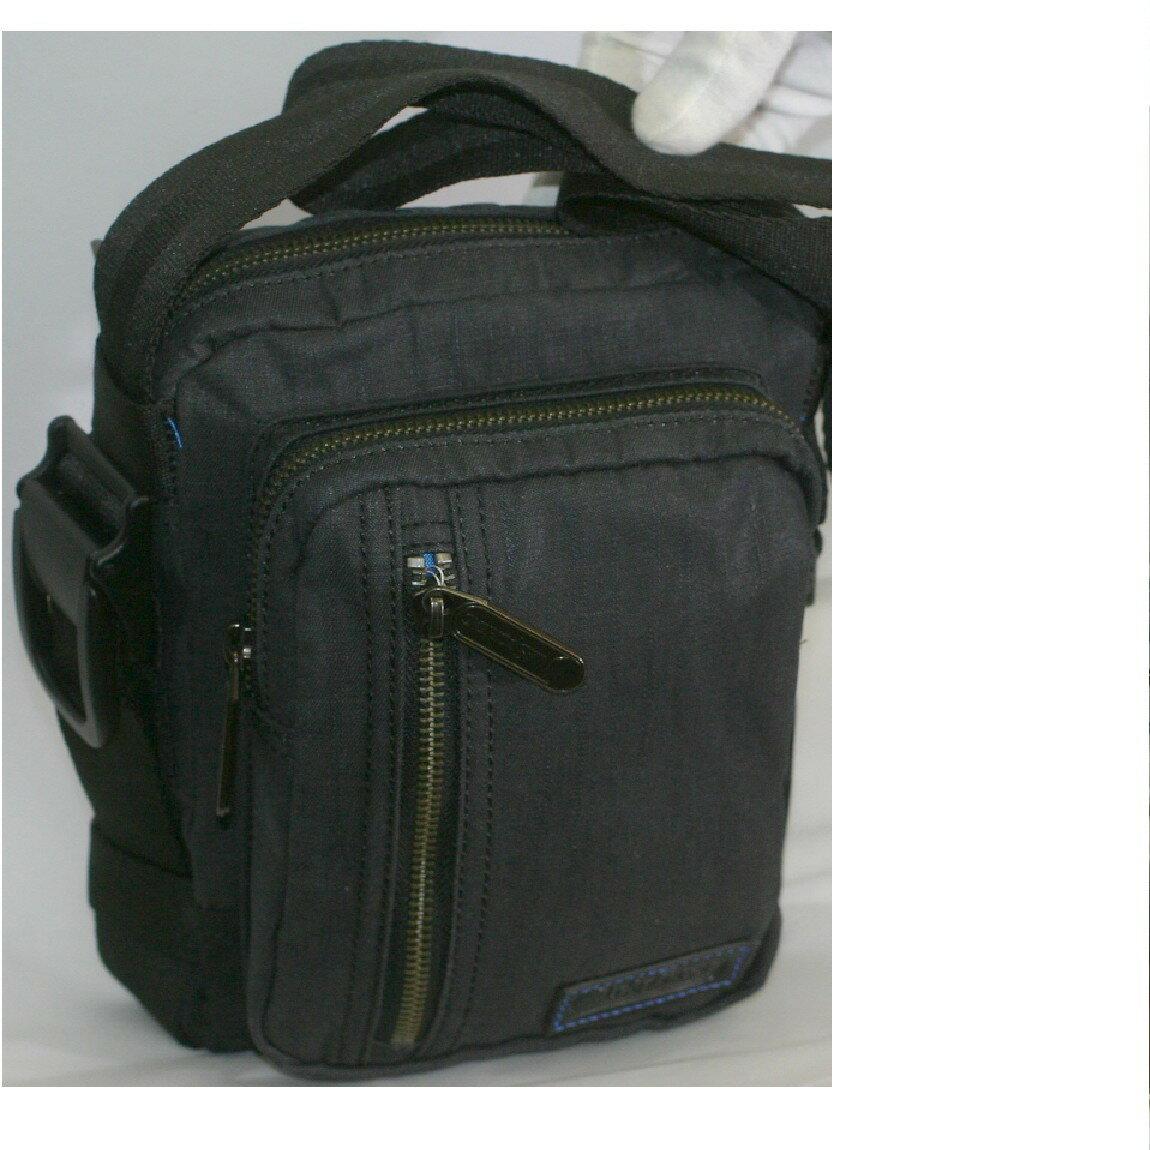 男女兼用バッグ, ショルダーバッグ・メッセンジャーバッグ  W16H21D11cm C14-59-1